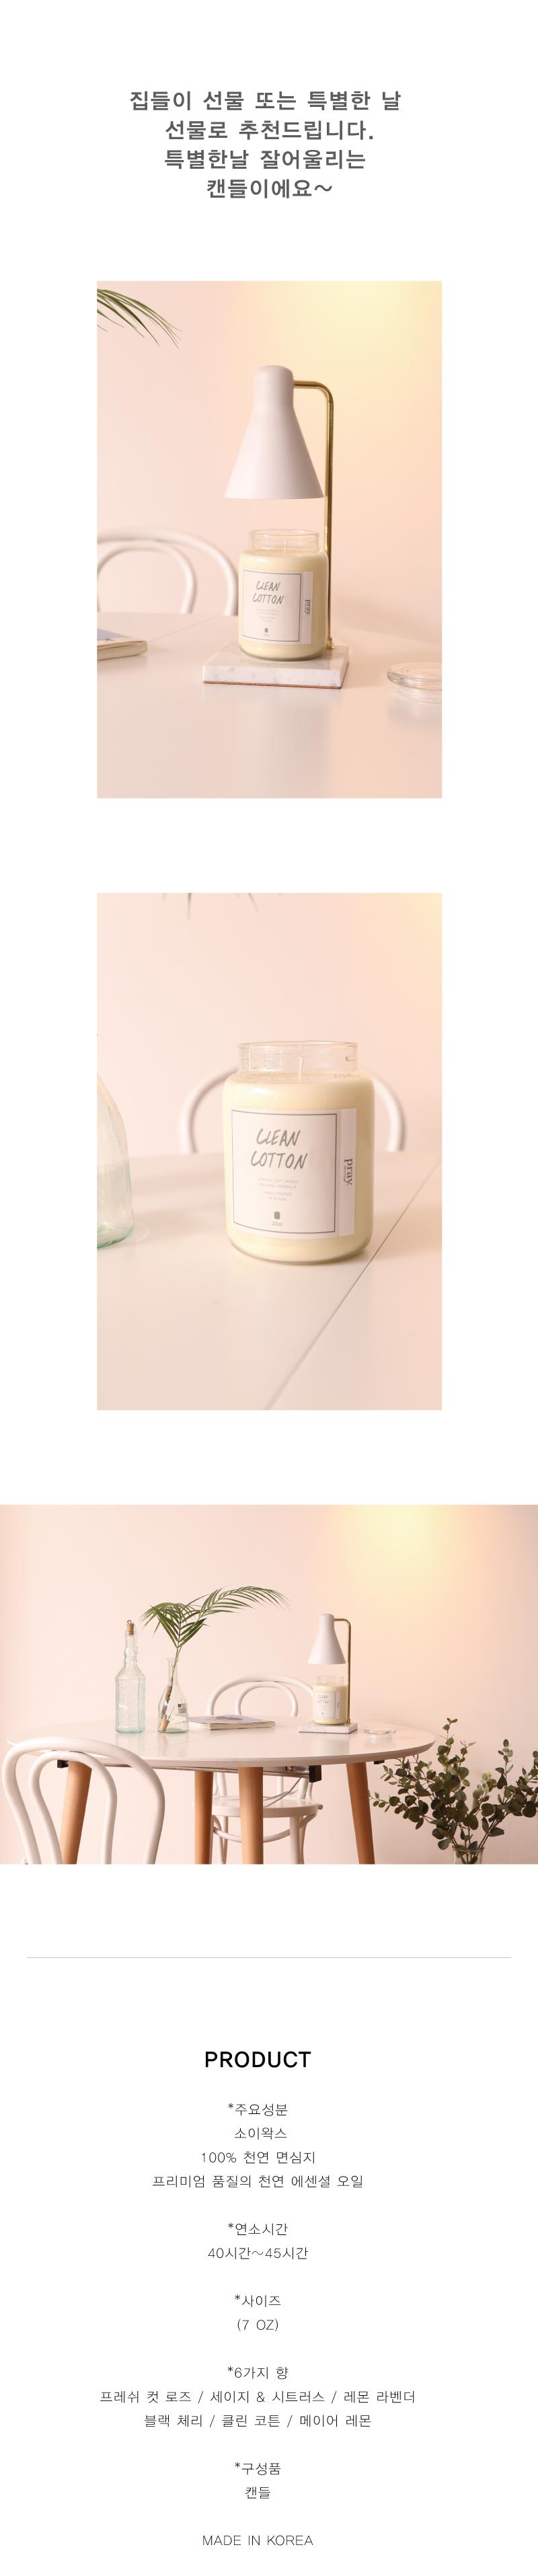 Dear 디어 캔들워머 램프-할로겐포함 - 세레스홈, 38,800원, 캔들, 캔들워머/용품